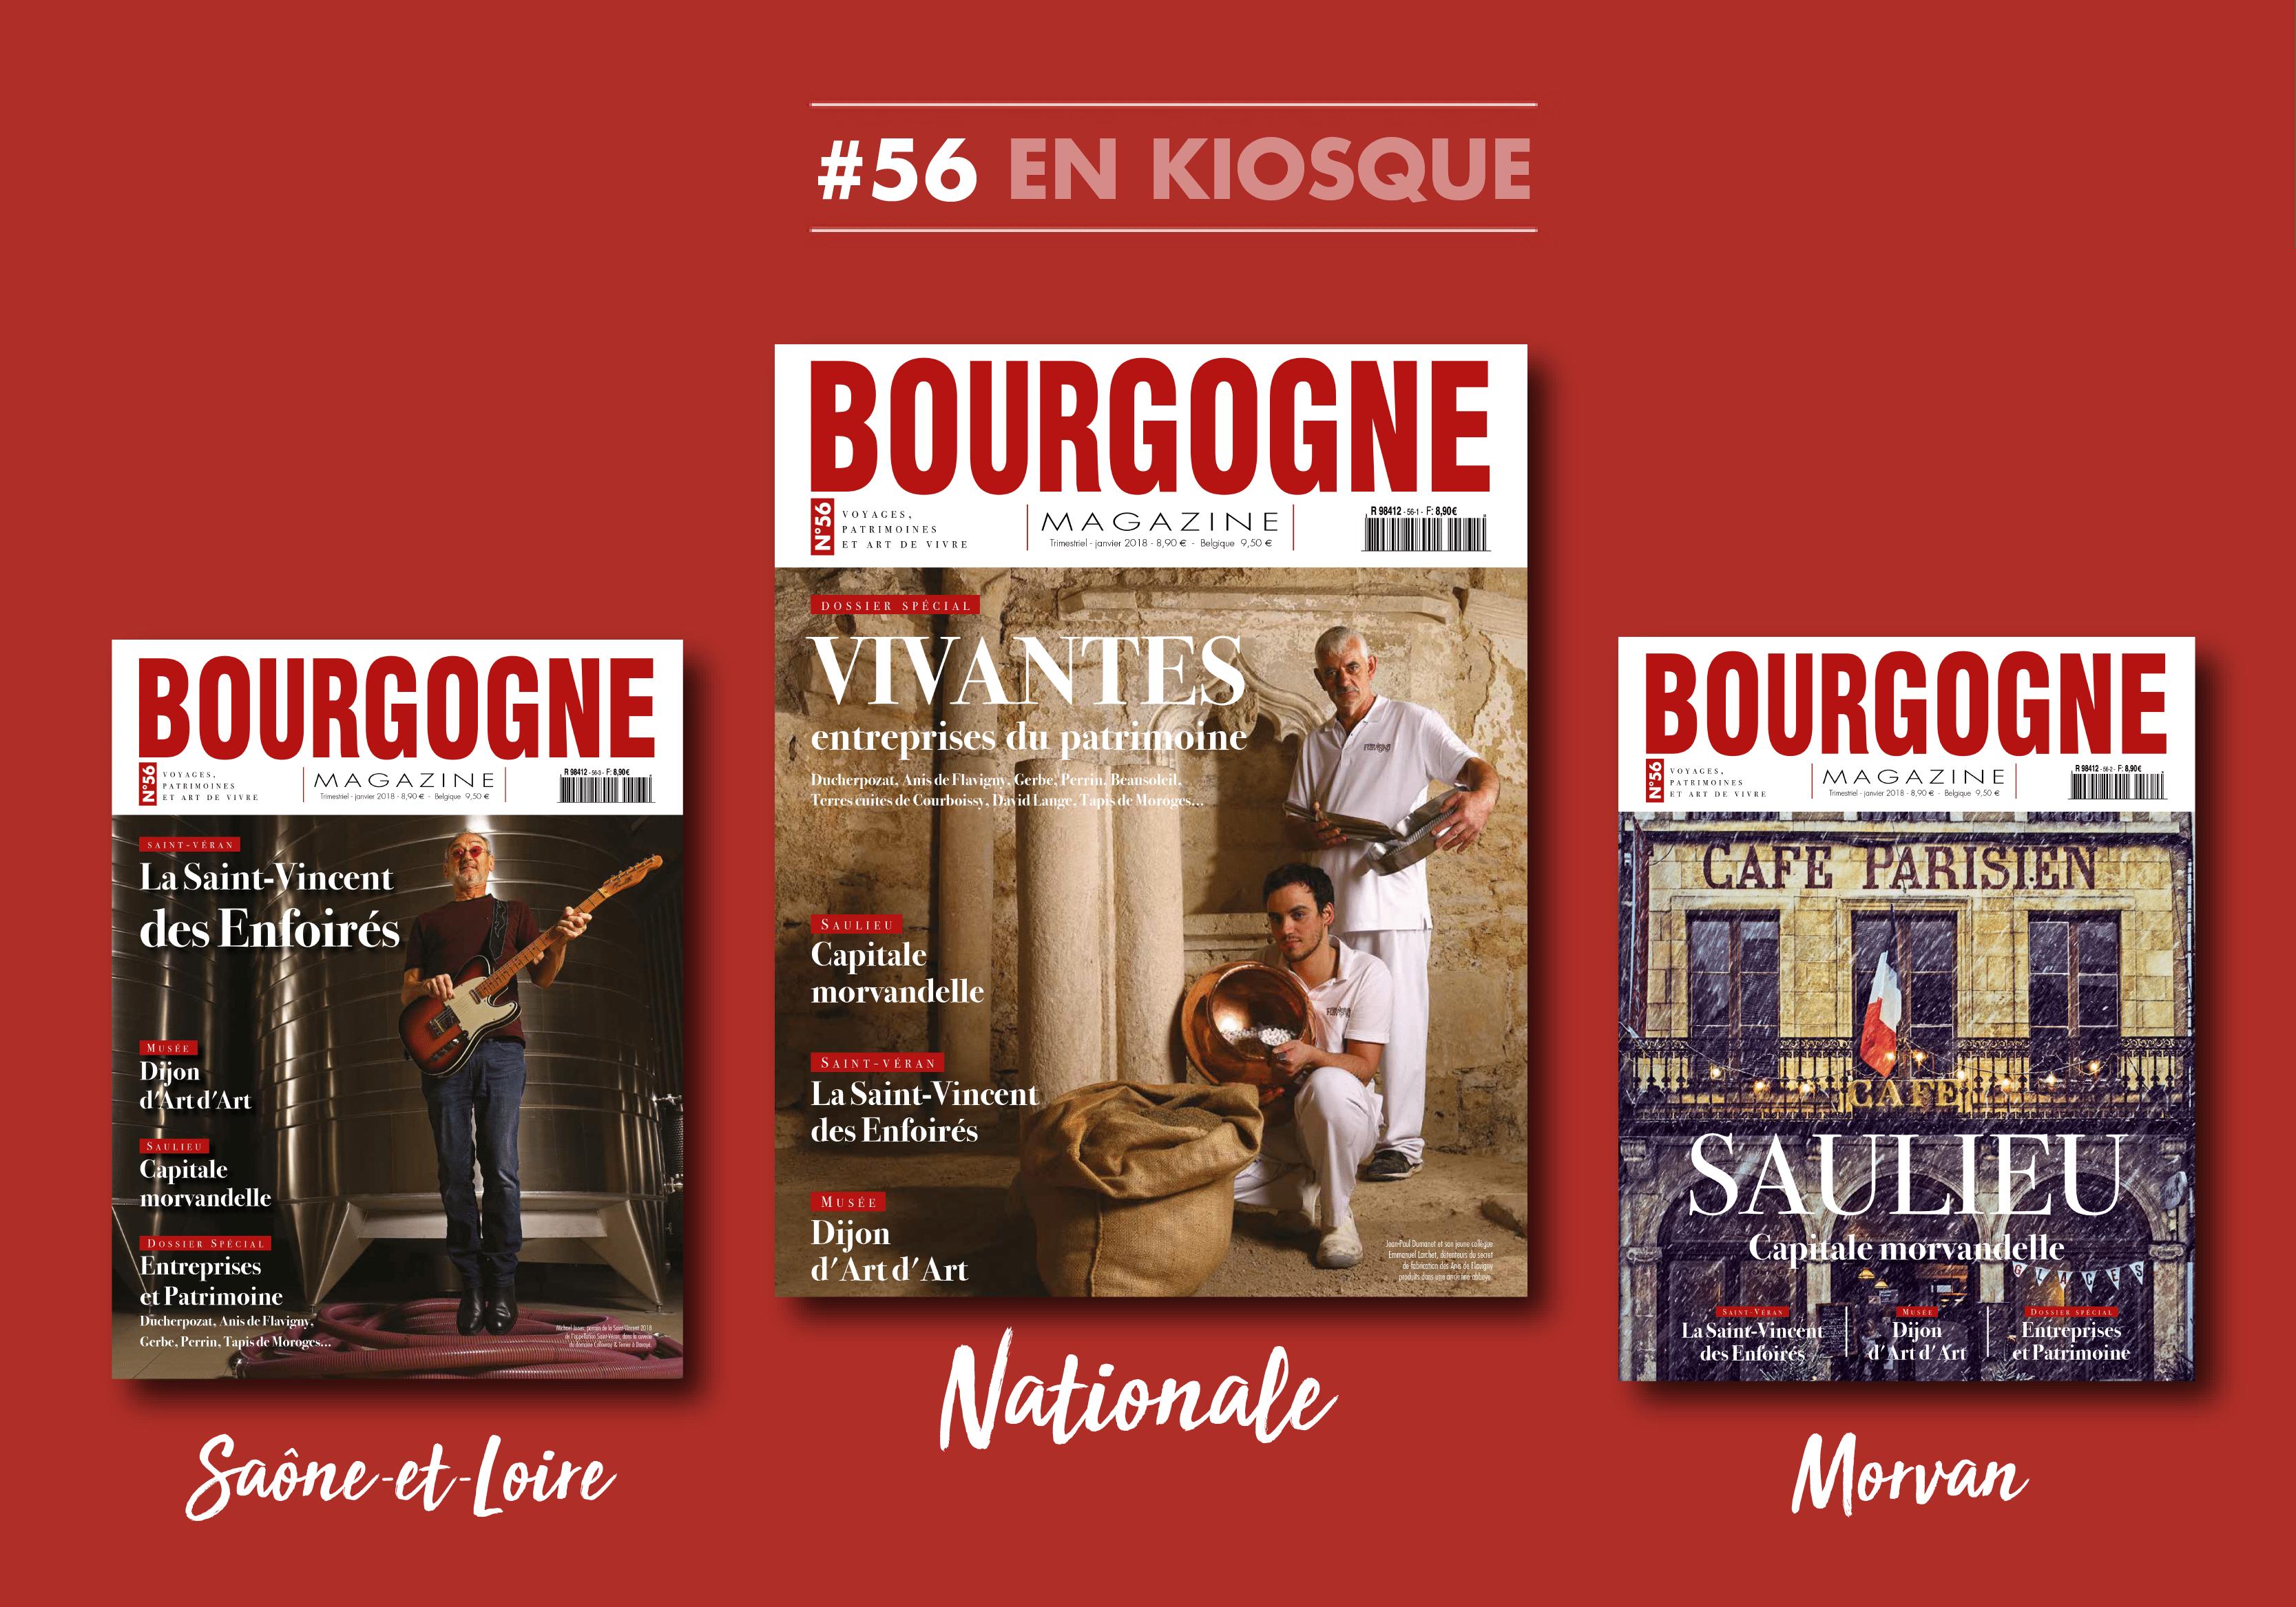 Bourgogne Magazine fête la Saint-Vincent, Saulieu et les Entreprises du Patrimoine Vivant